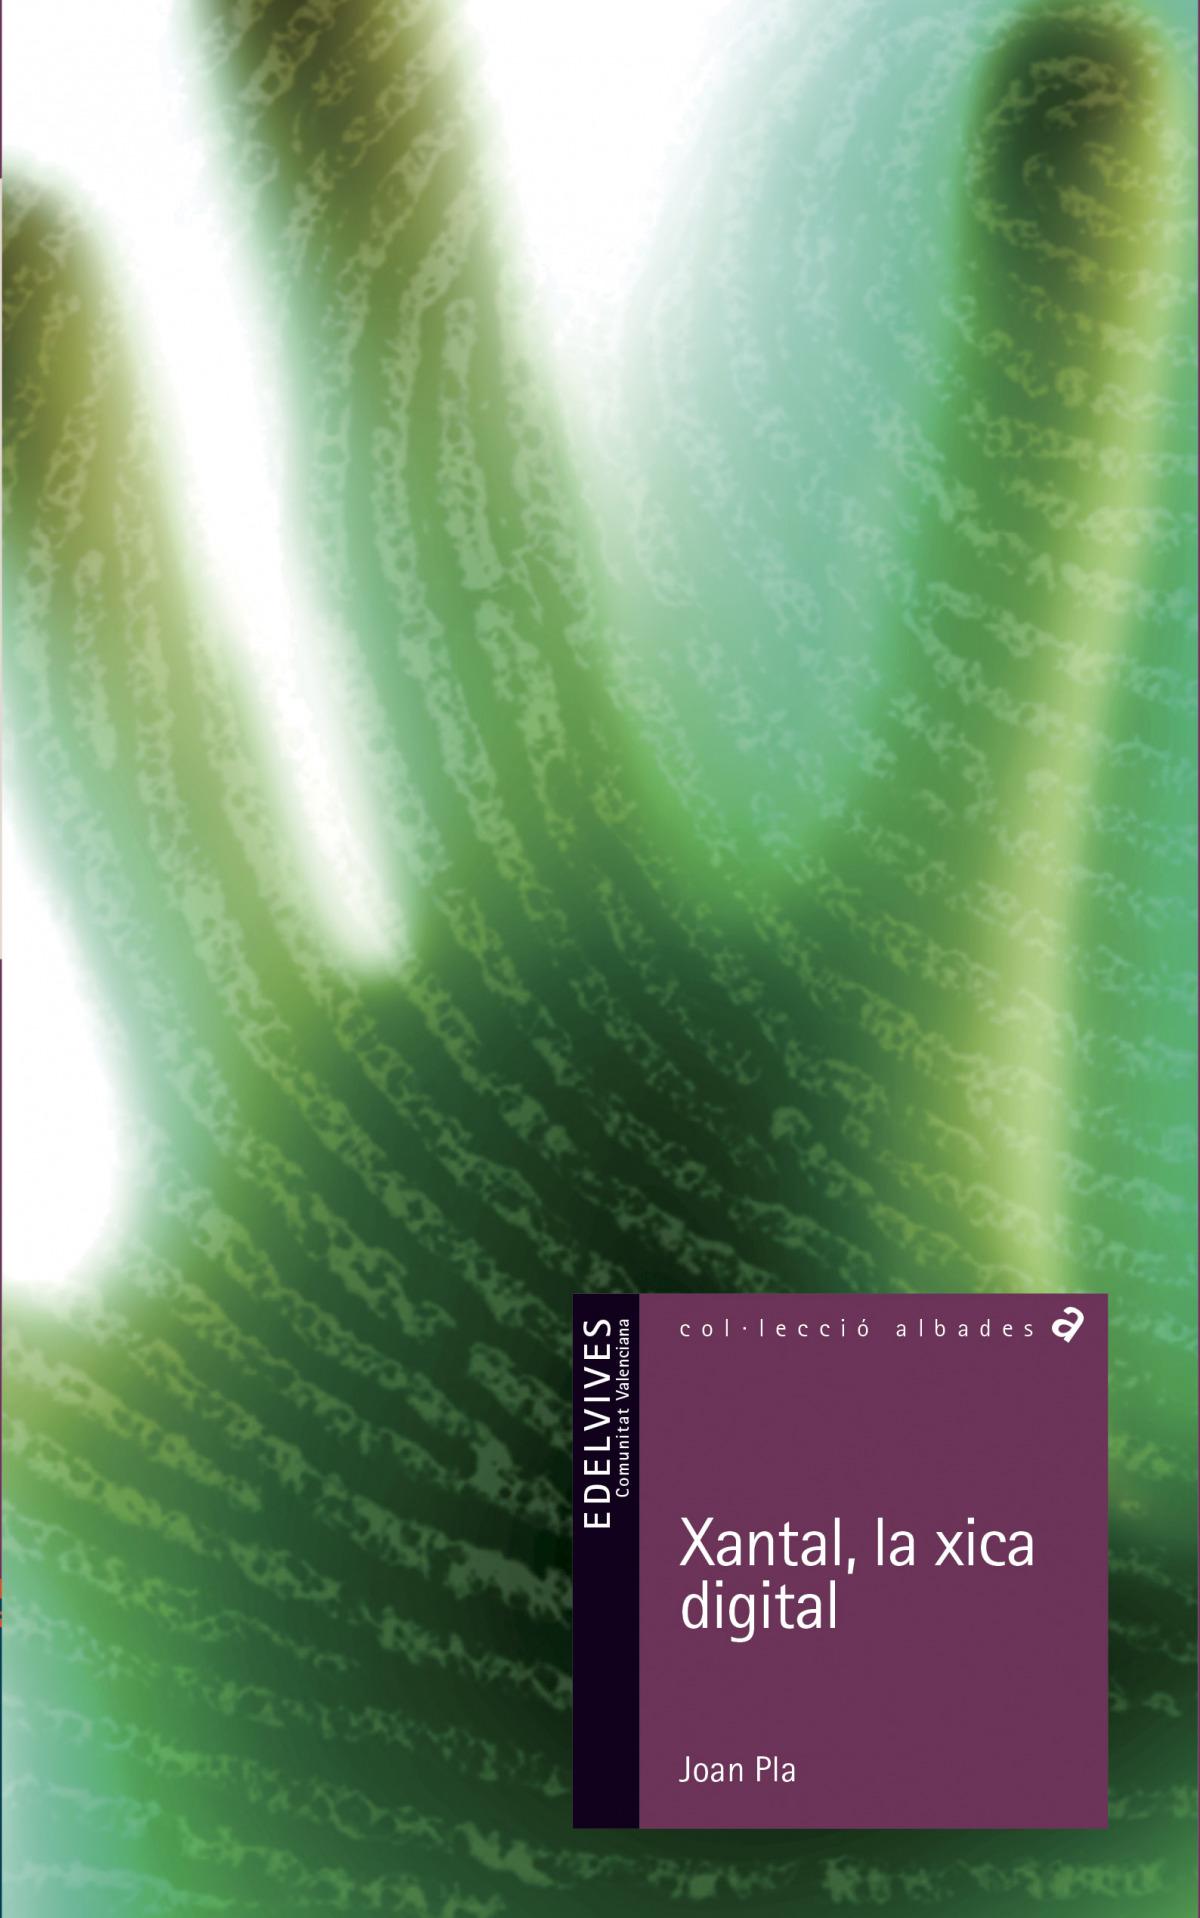 Xantal, la xica digital 9788426364777